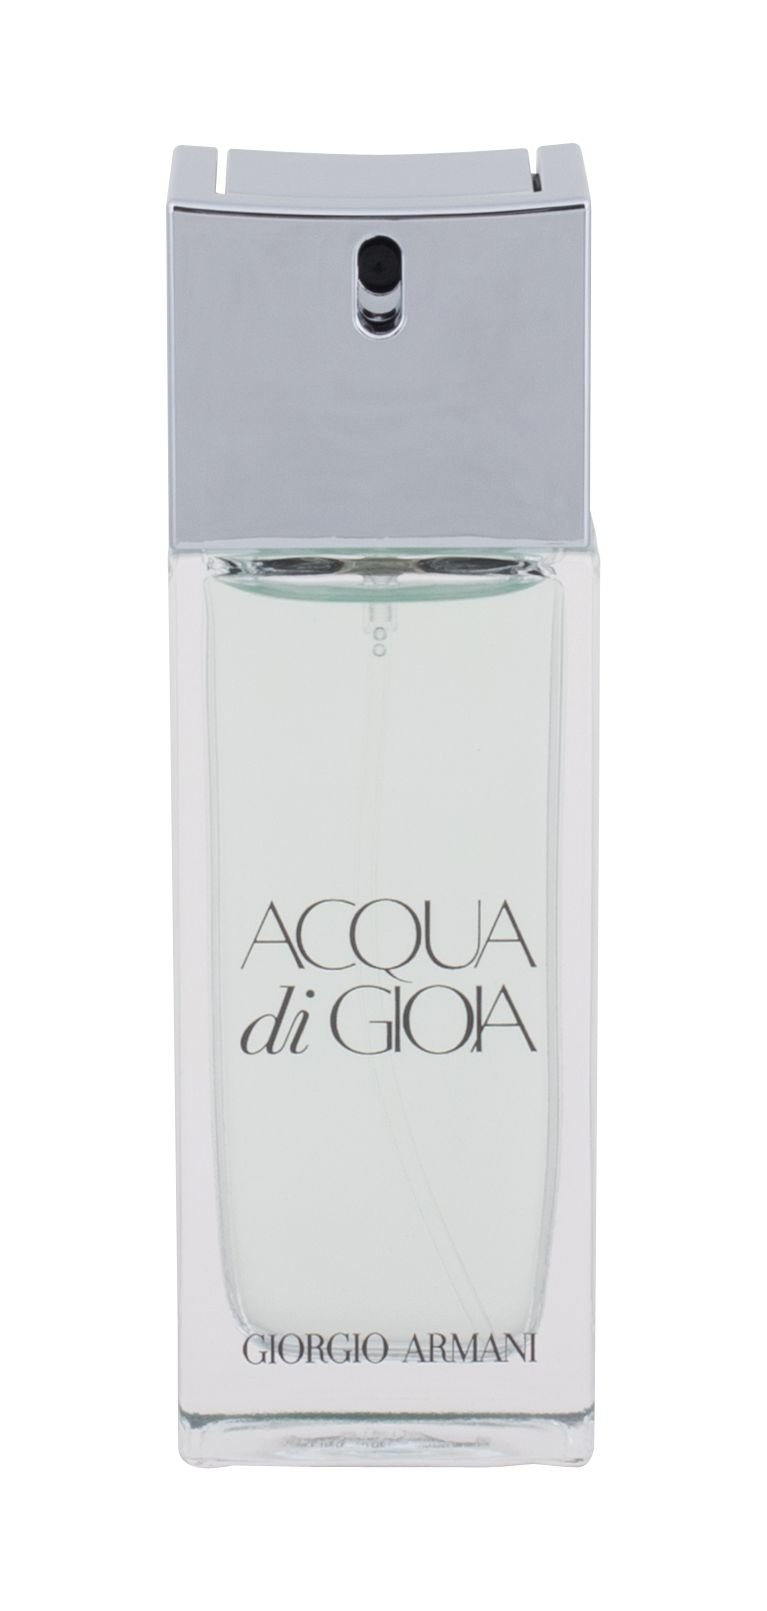 Giorgio Armani Acqua di Gioia EDP 20ml